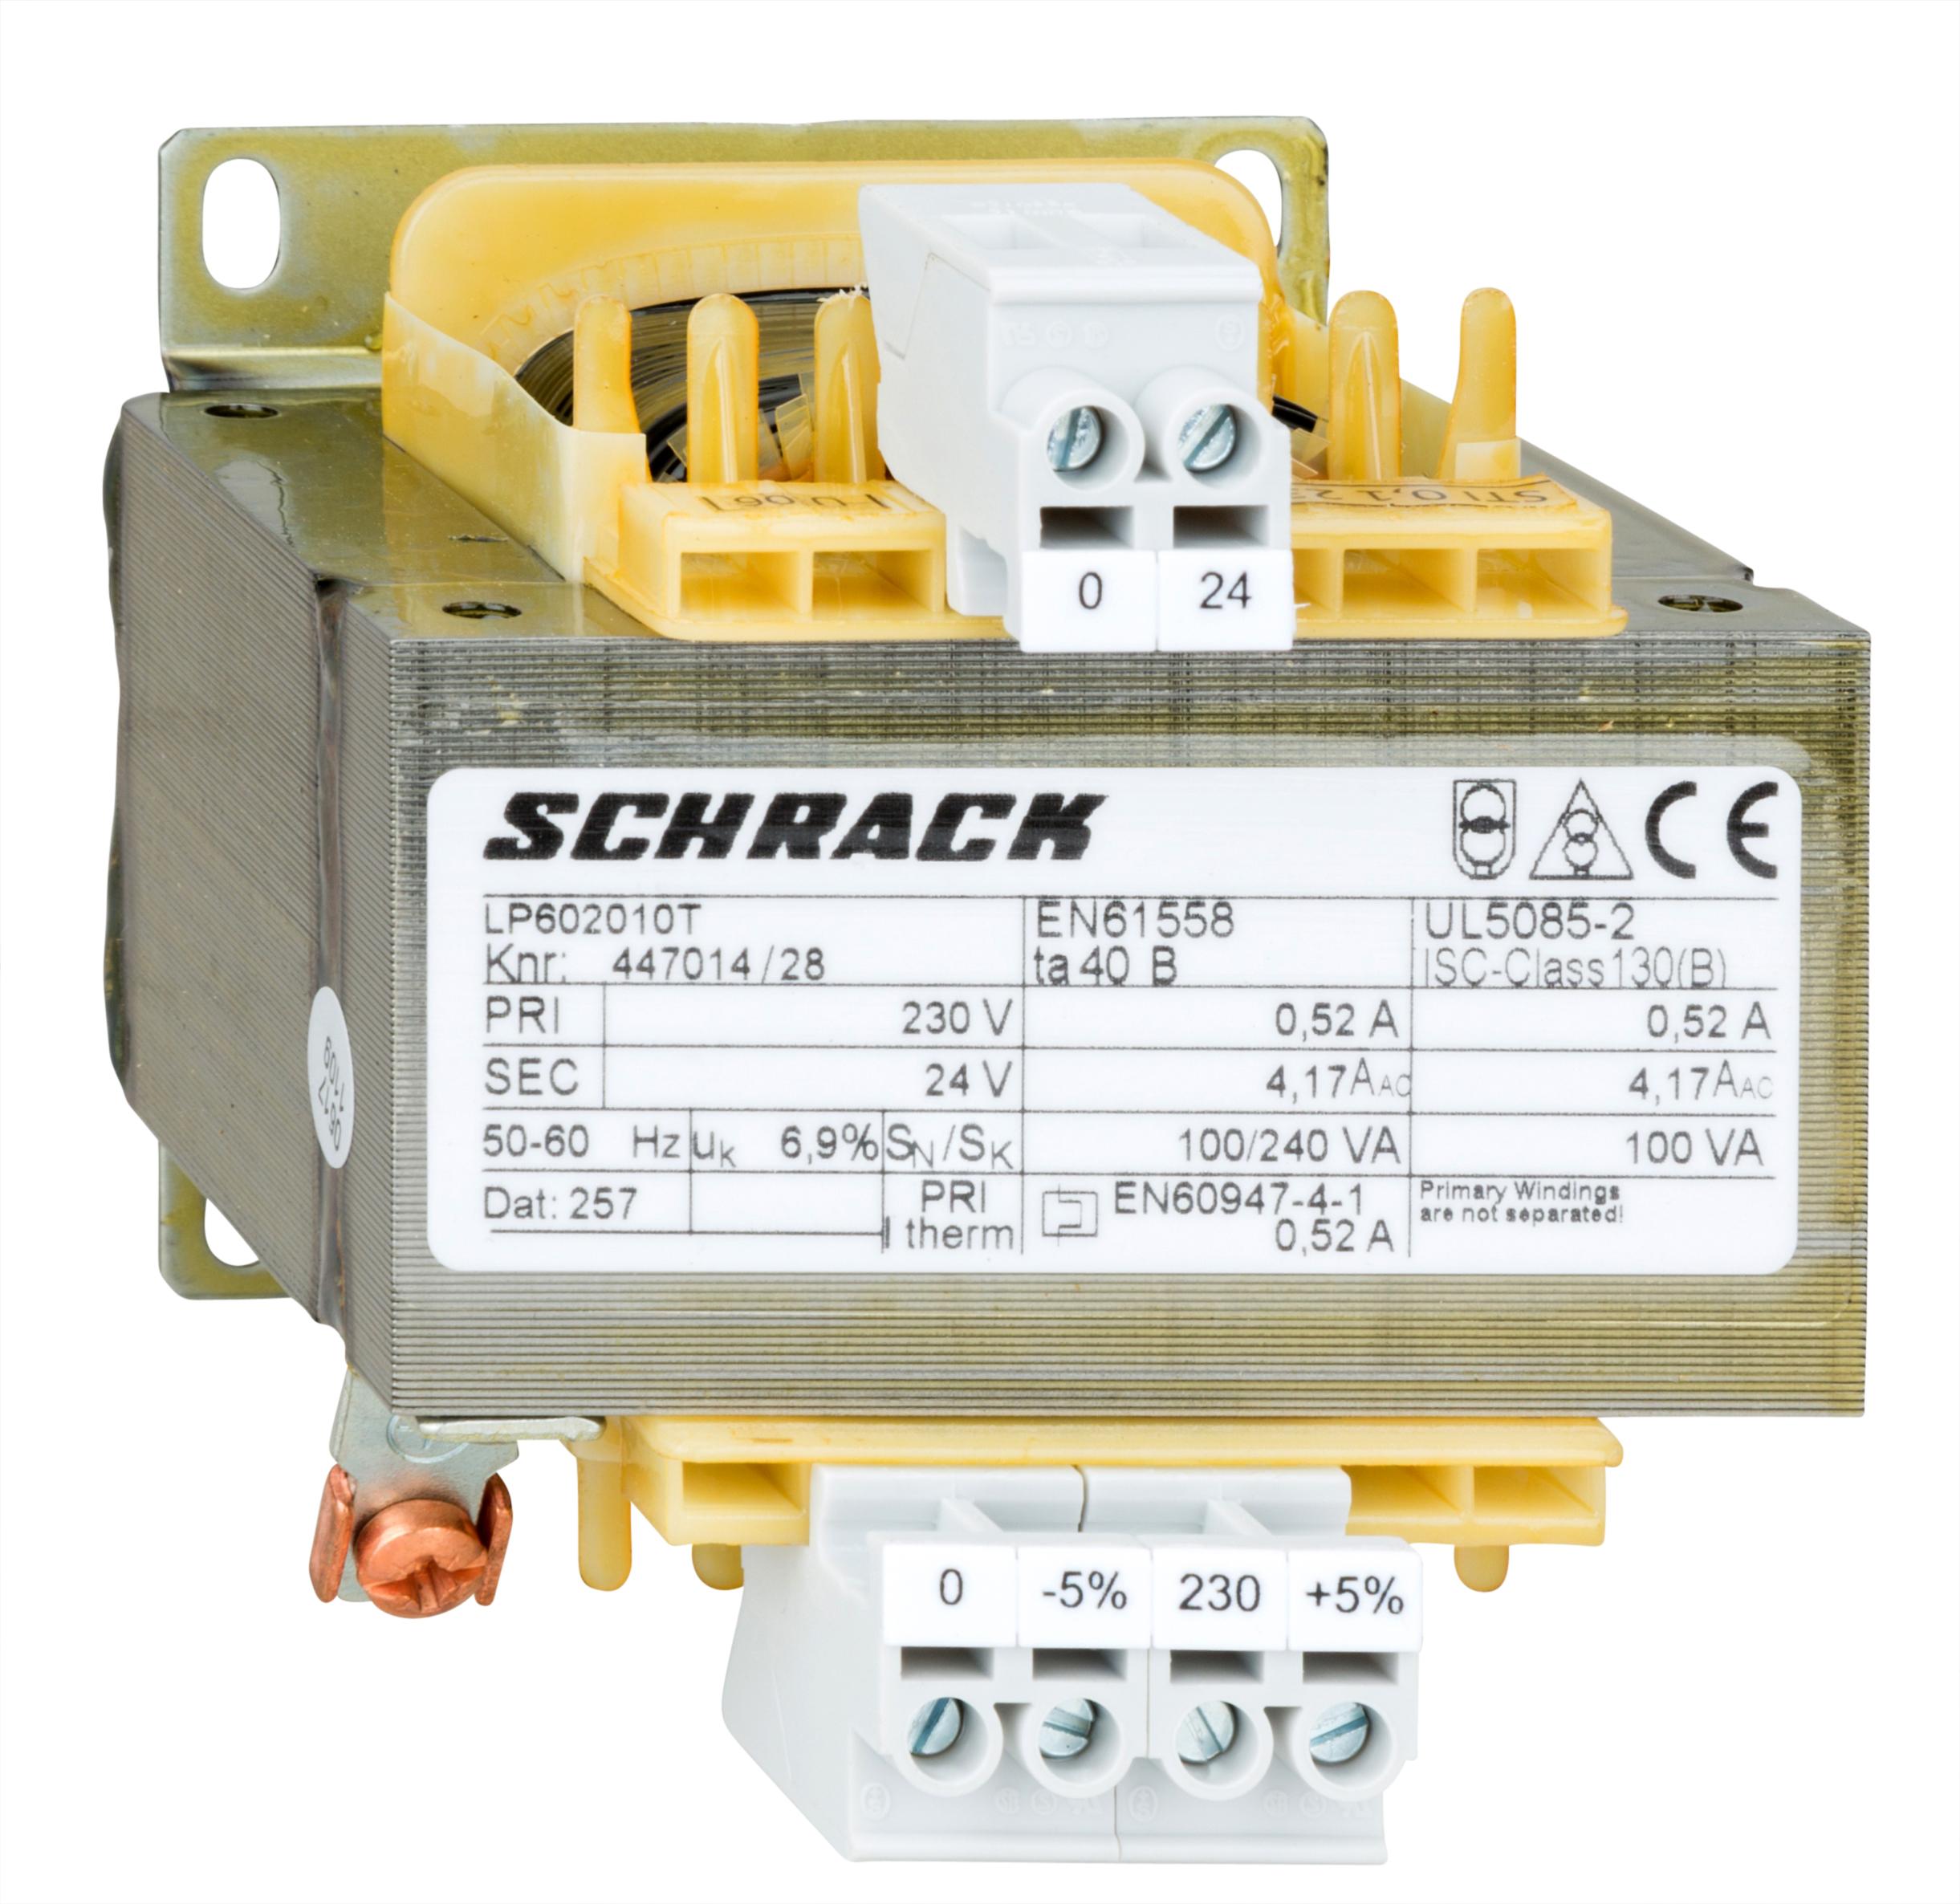 1 Stk Einphasen Steuertransformator 230/24V, 100VA, IP00 LP602010T-